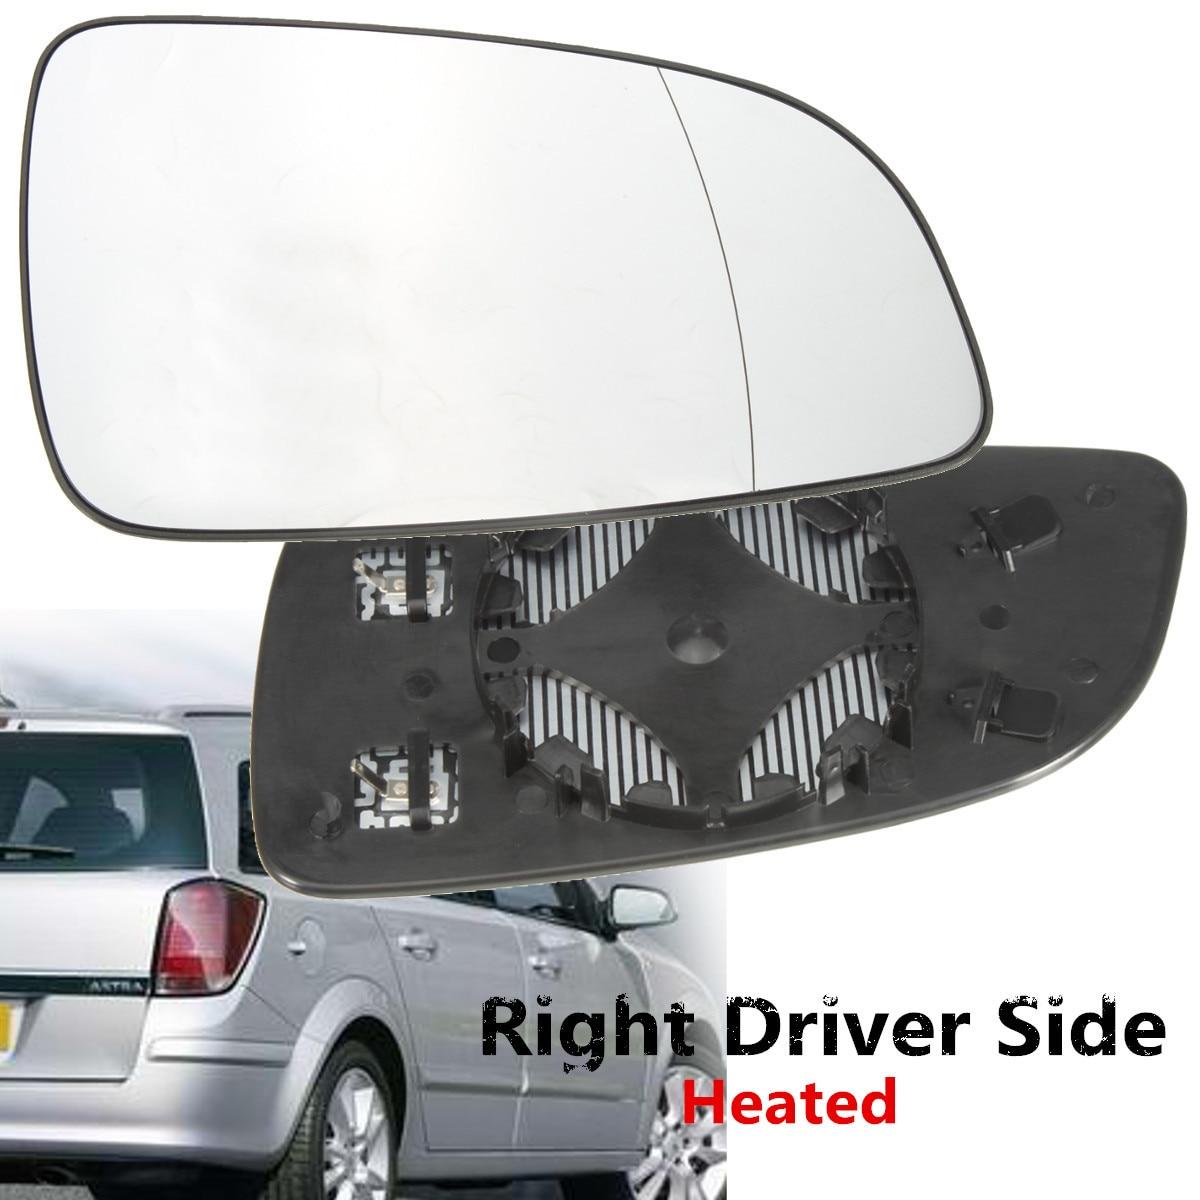 Rechts Links Fahrer Seite Flügel Spiegel Glas Erhitzt Anti-nebel Regendicht Für VAUXHALL 2004 2005 2006 2007 2008 ASTRA H mk5